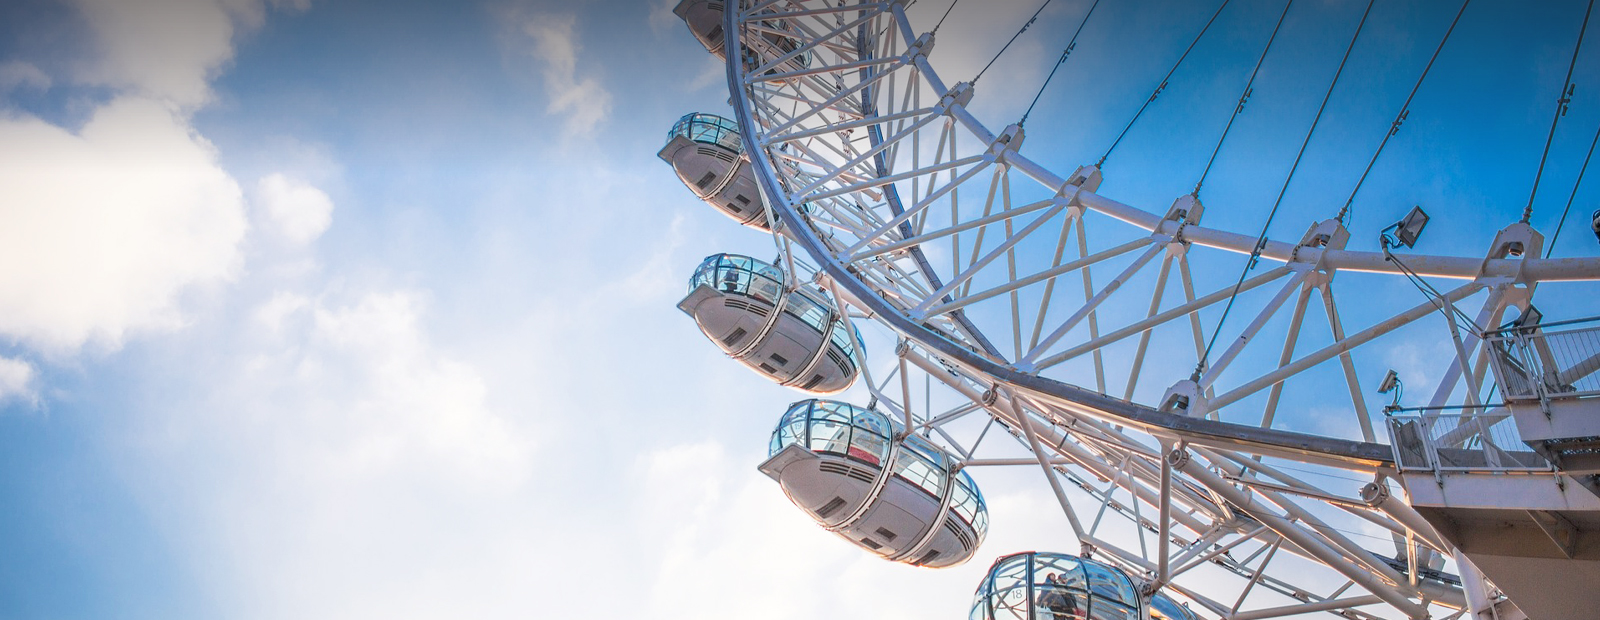 Destination Experiences London - London 360